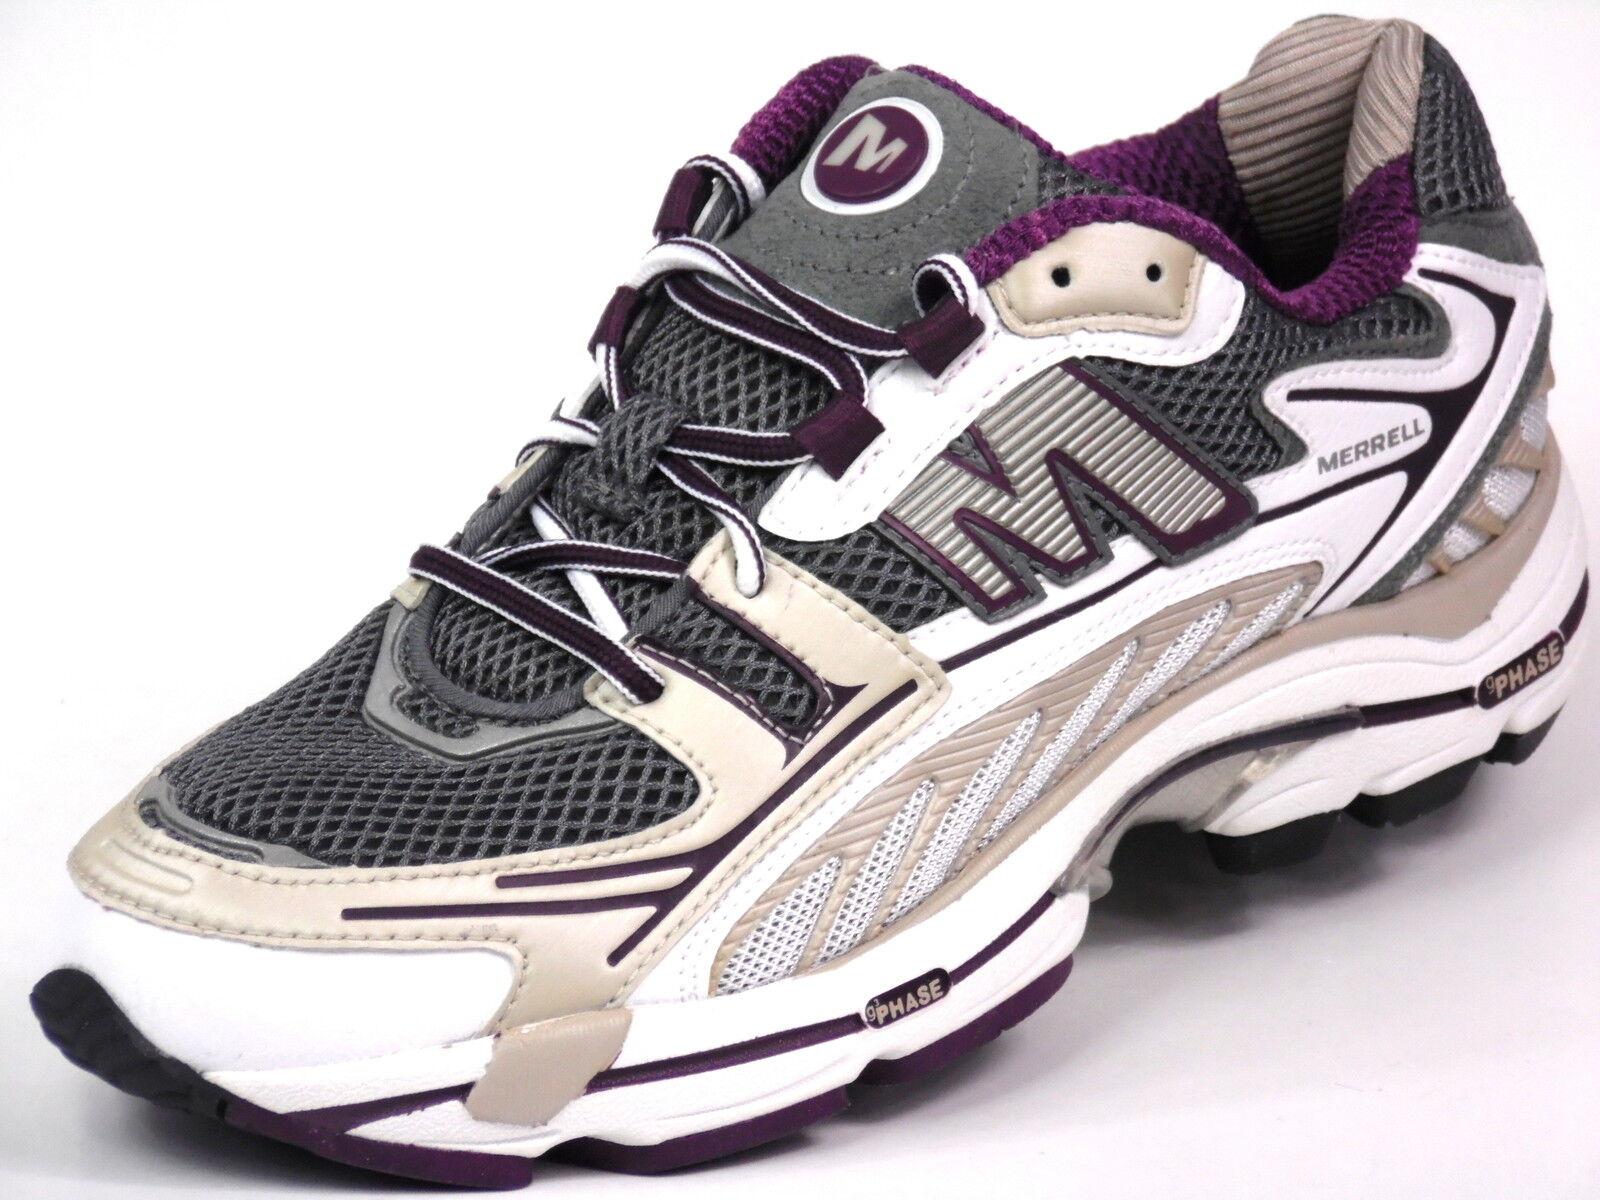 Neu MERRELL CT Stamina 2 Running Outdoor Jogging Sportschuh Damen Schuhe Turnschuhe  | Vorzüglich